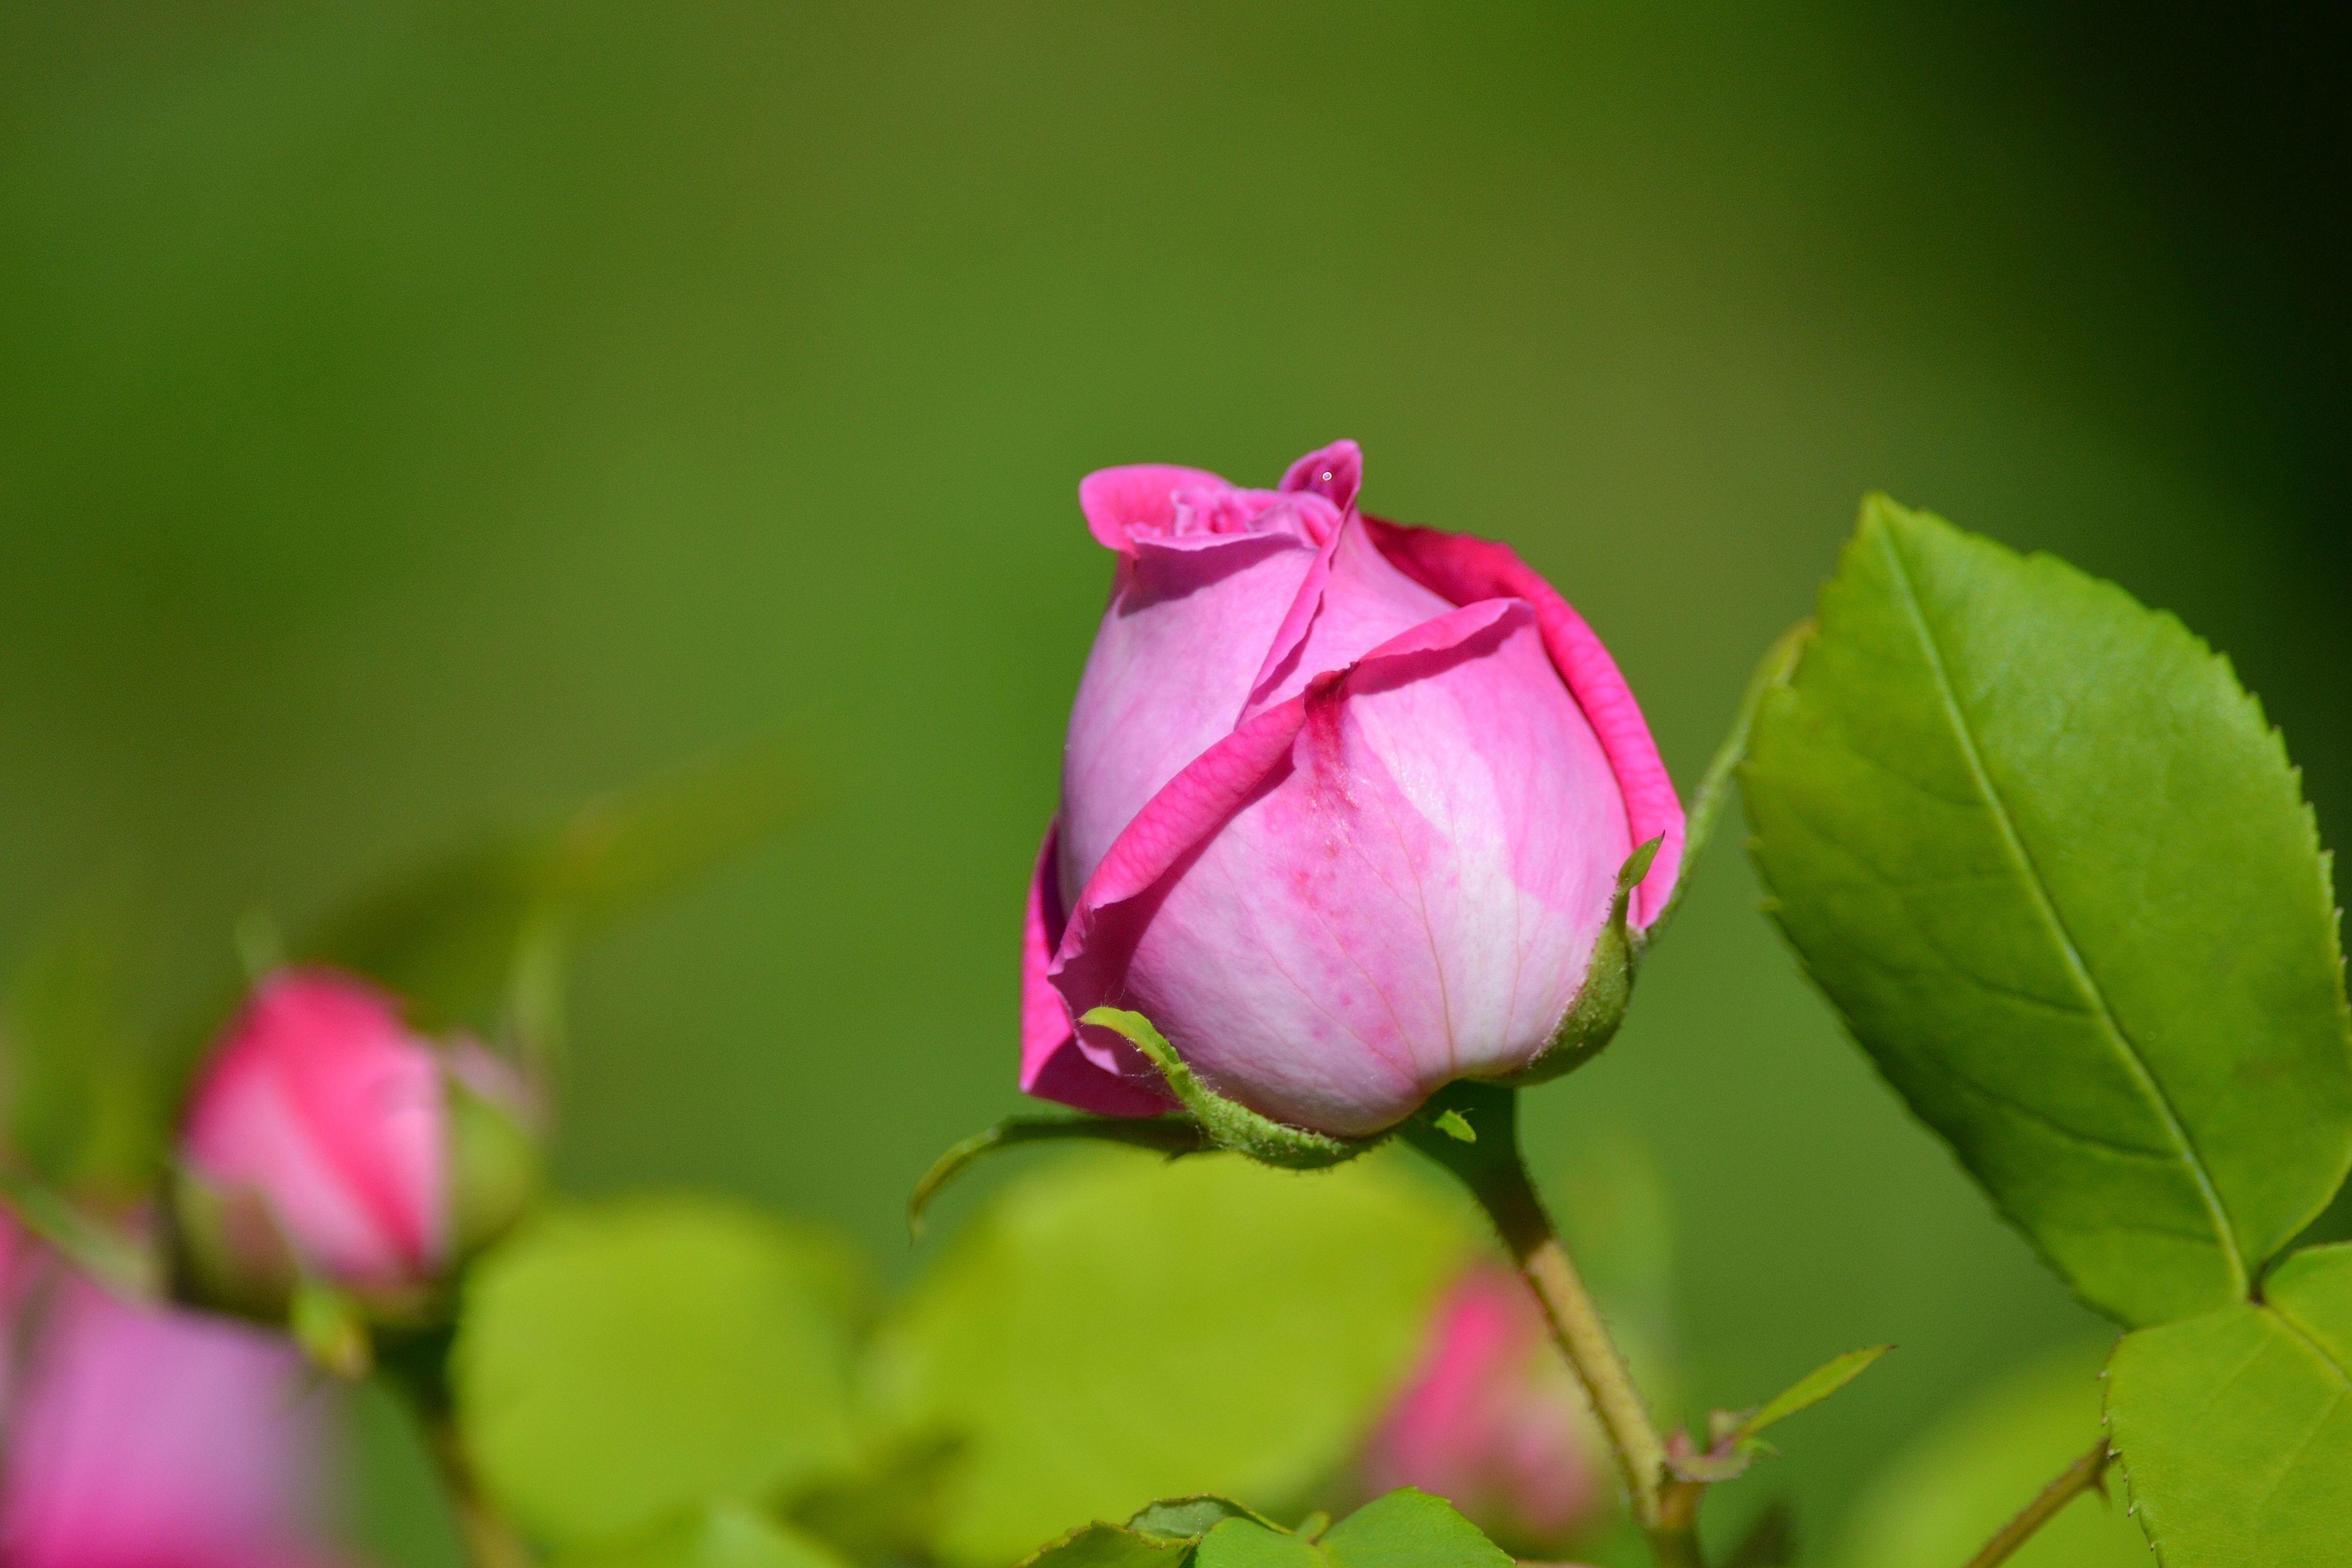 роза,лепестки,листья  № 705677 бесплатно